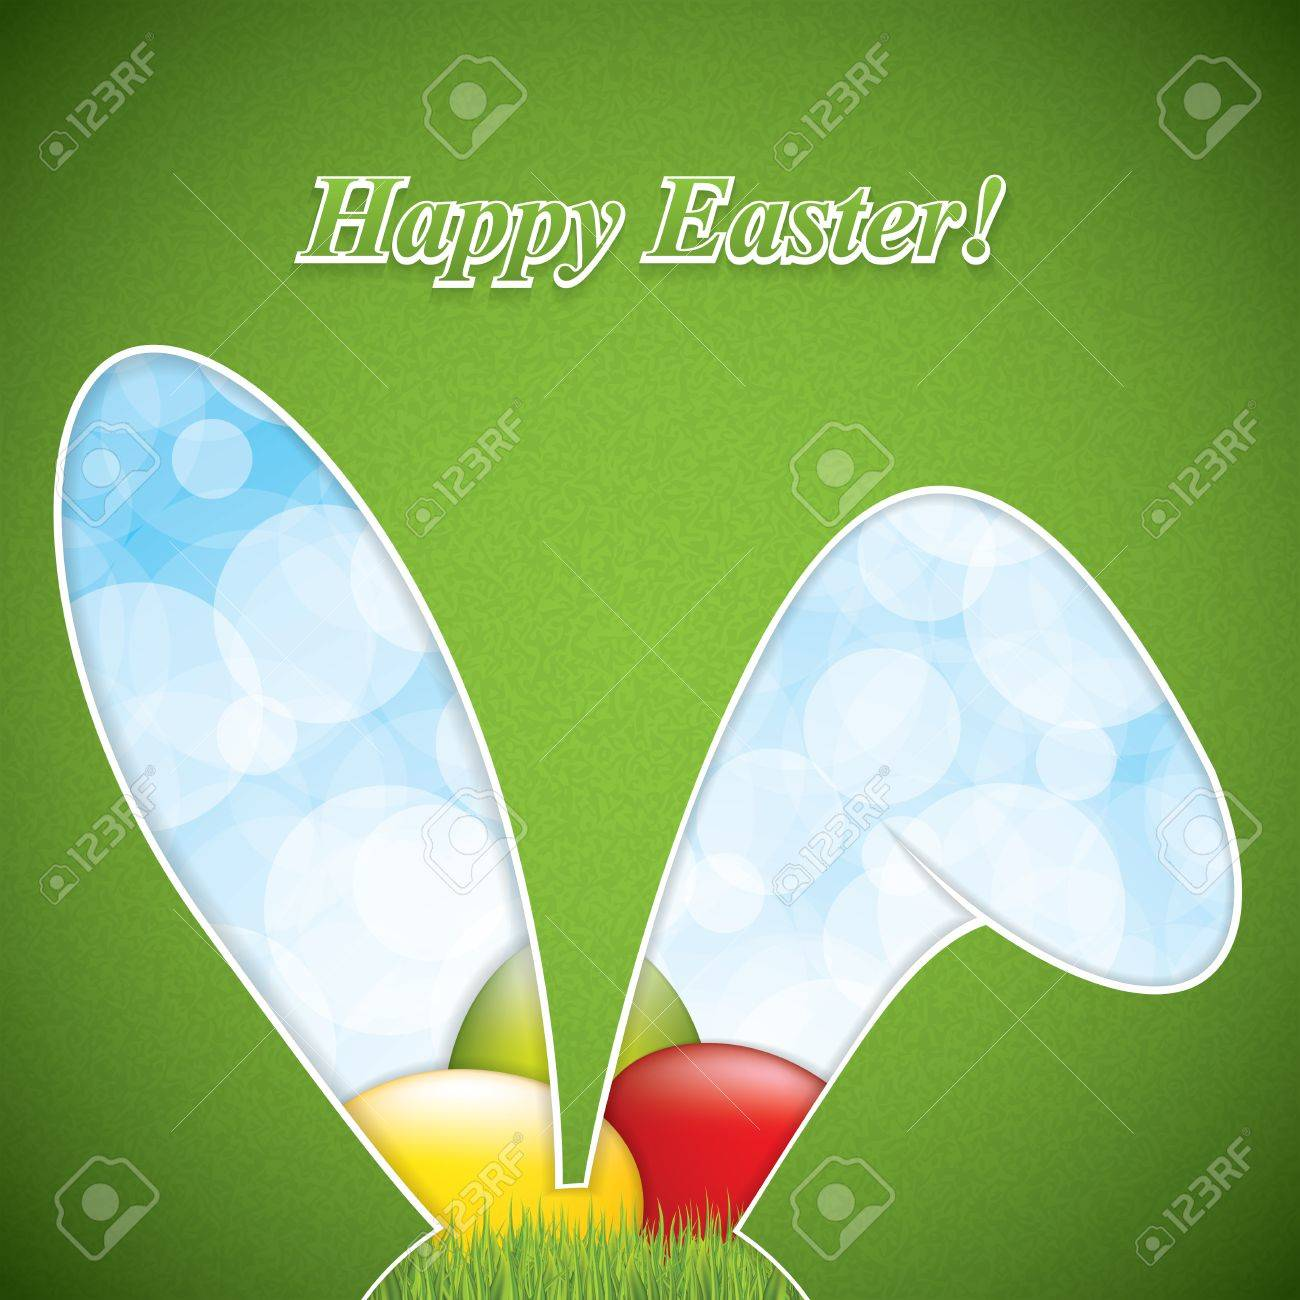 Ostern Grußkarte Mit Kaninchen Ohren Rahmen Und Eier. Lizenzfrei ...